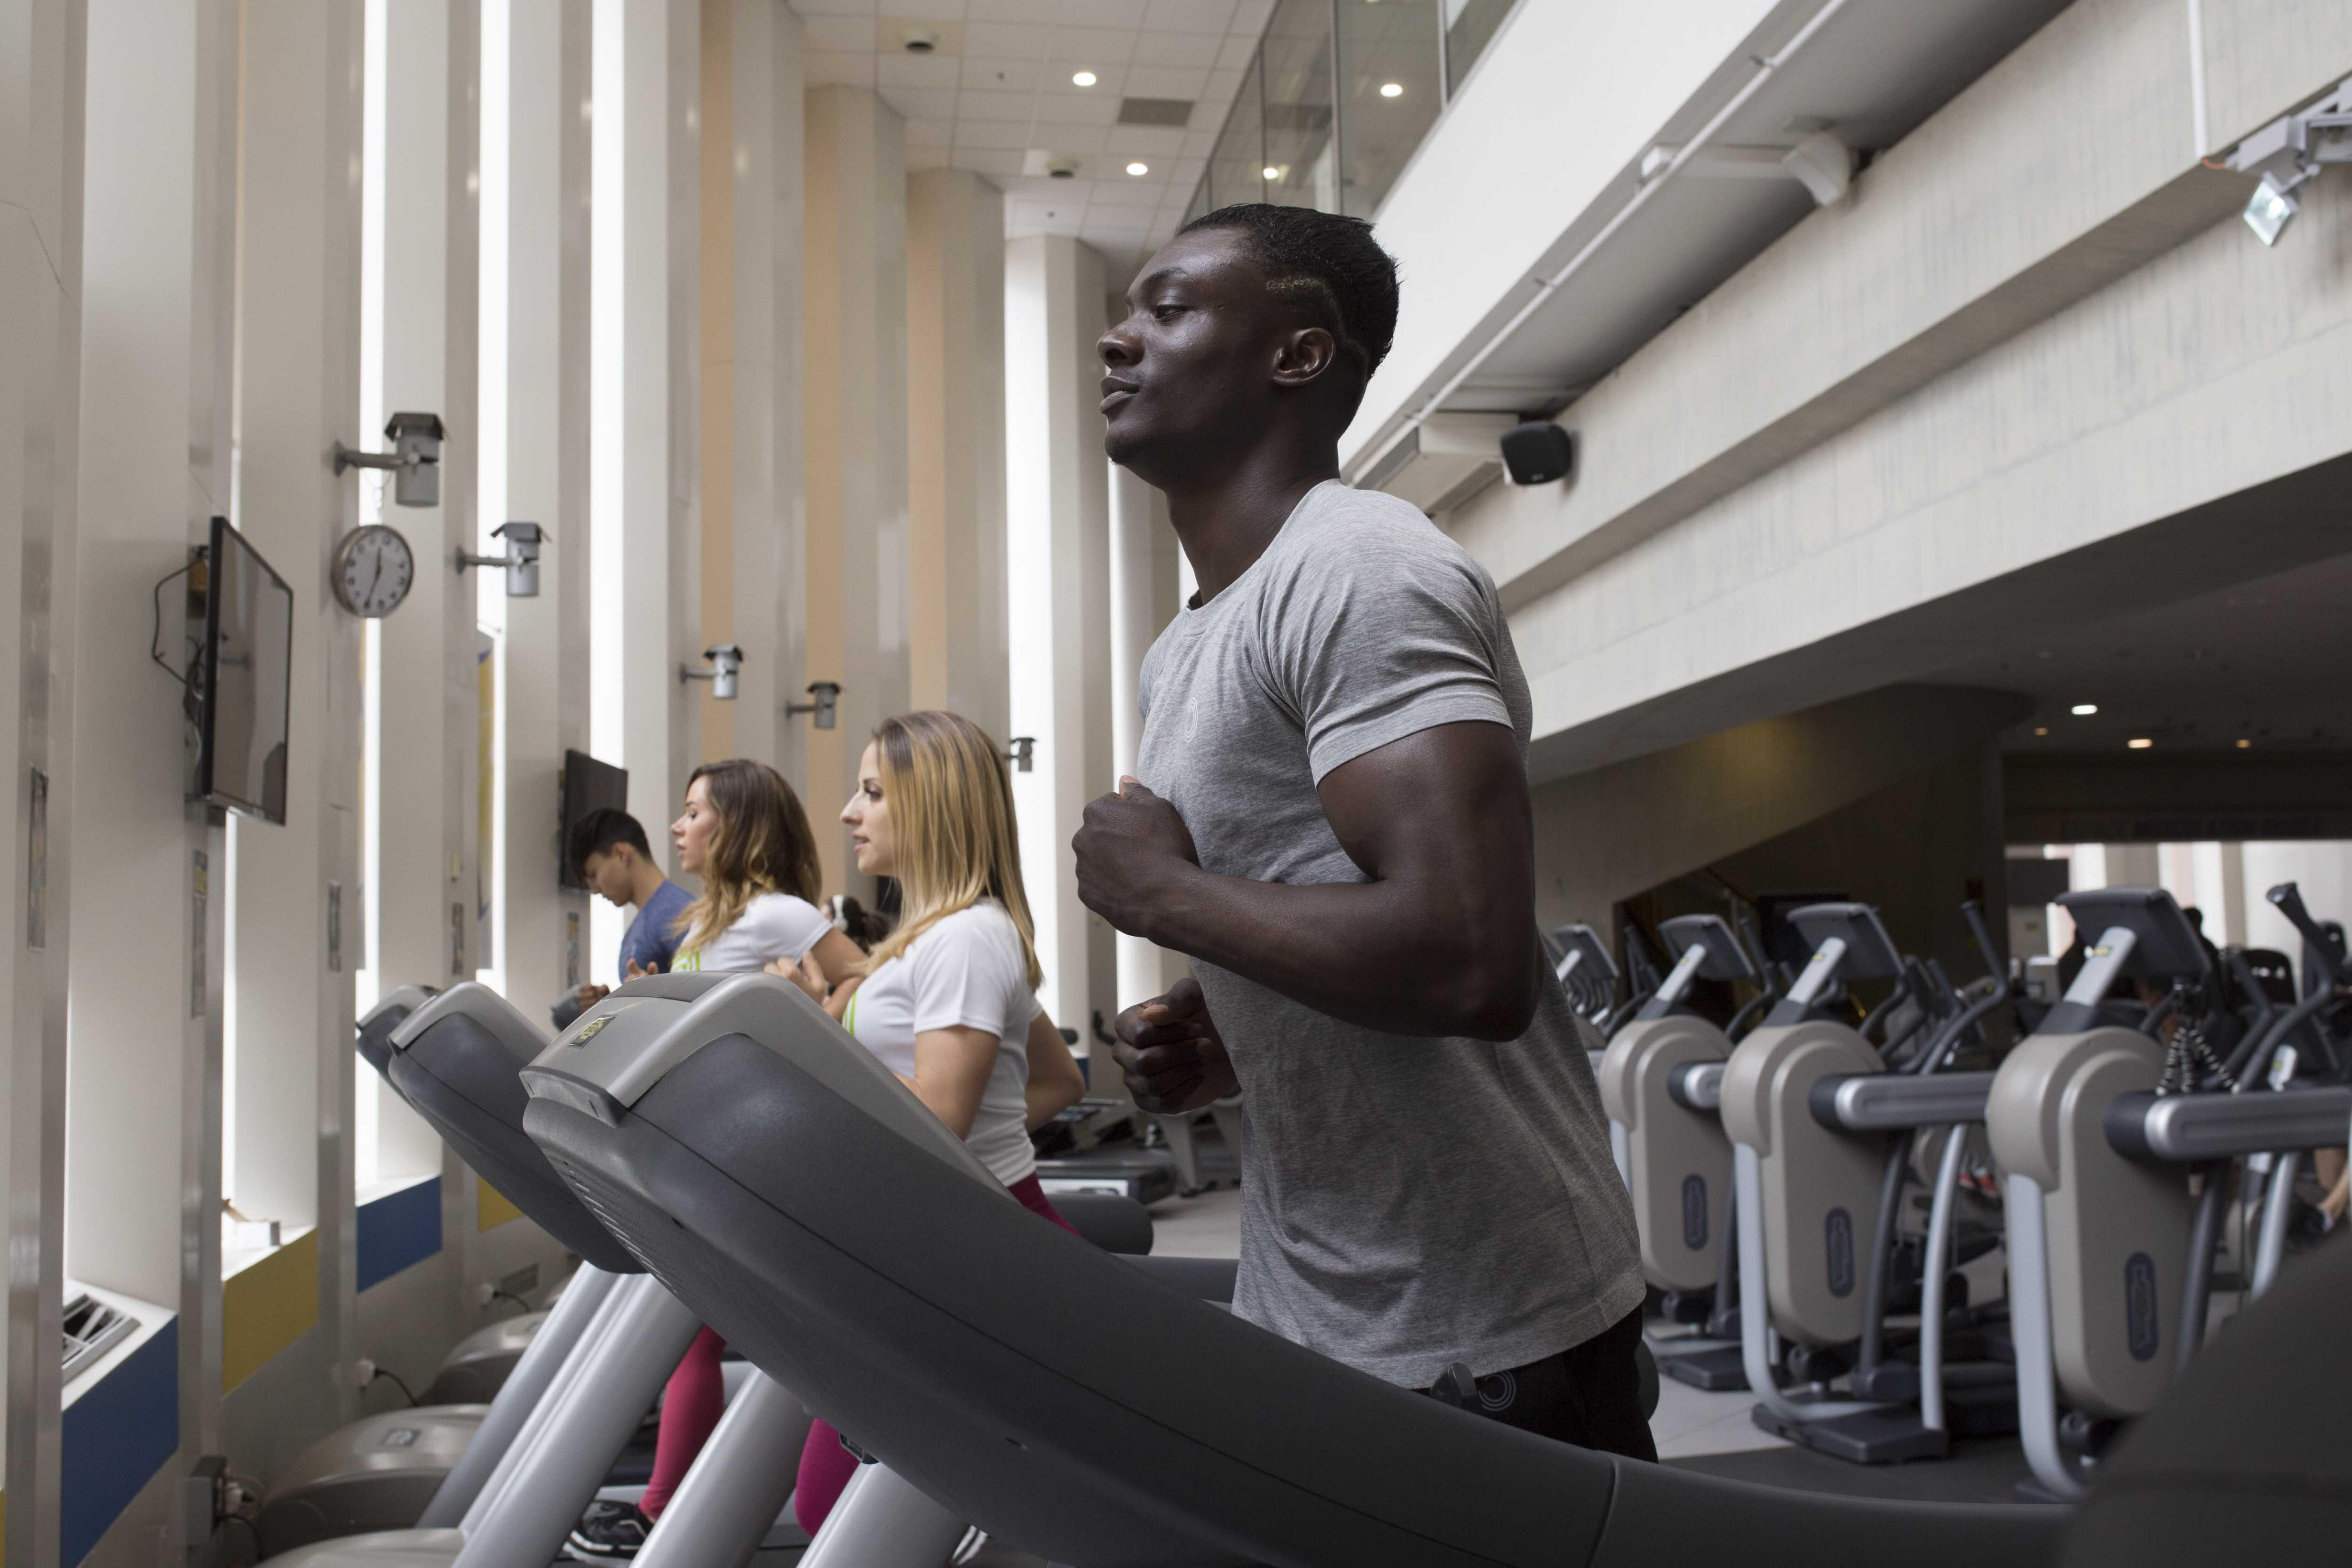 L'entraînement cardio en fractionné : idéal pour progresser ?